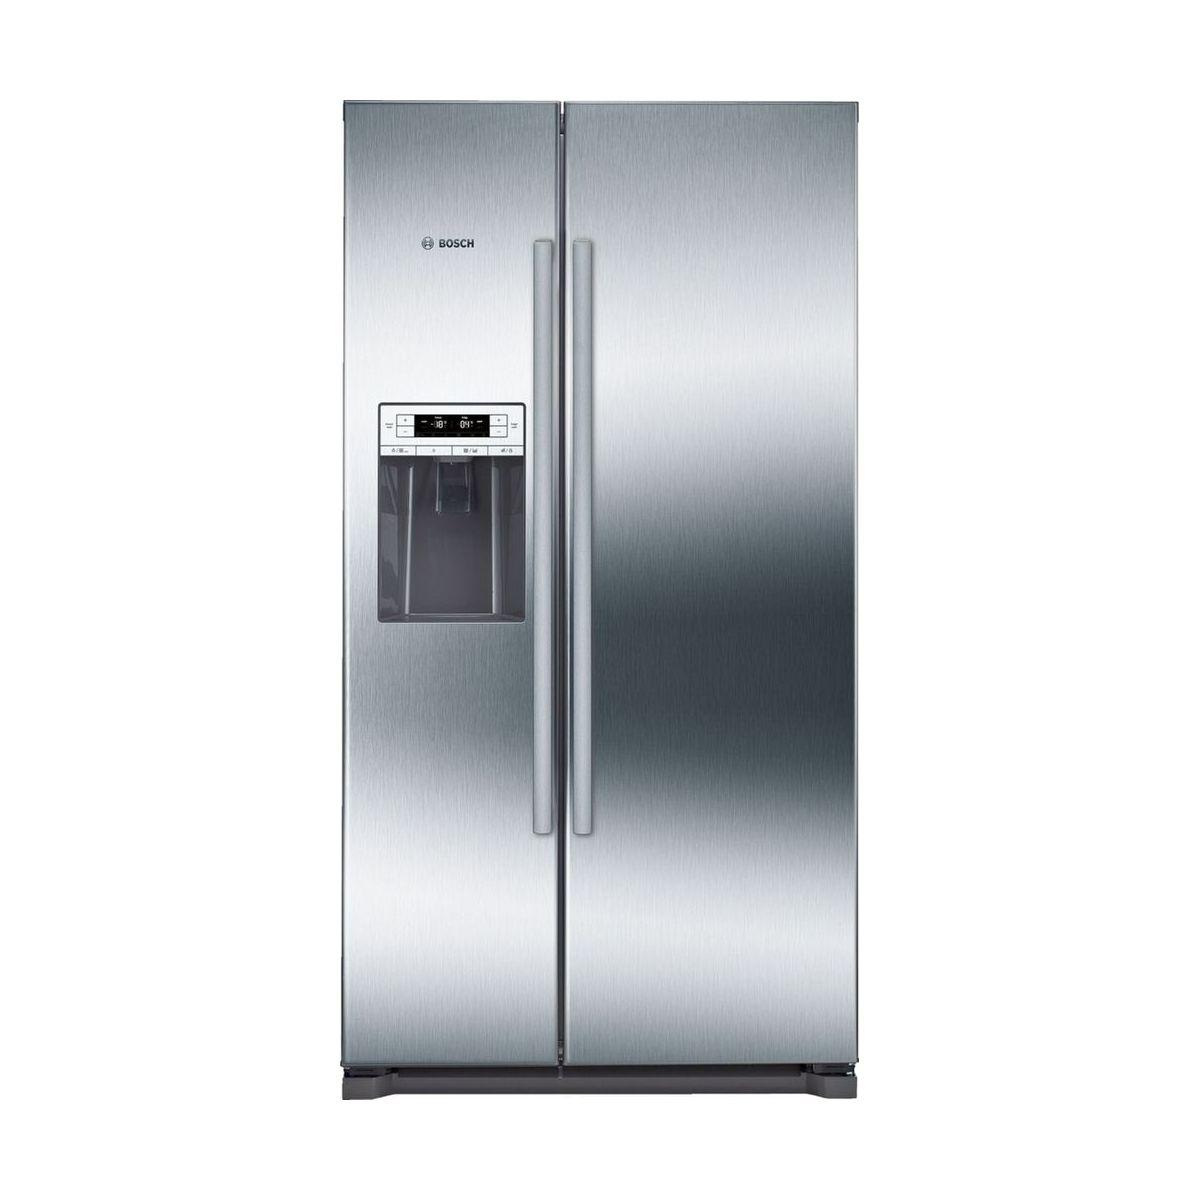 Tủ lạnh Bosch KAD90VI20 được thiết kế theo tiêu chuẩn châu Âu màu sáng trắng với kích thước khá lớn